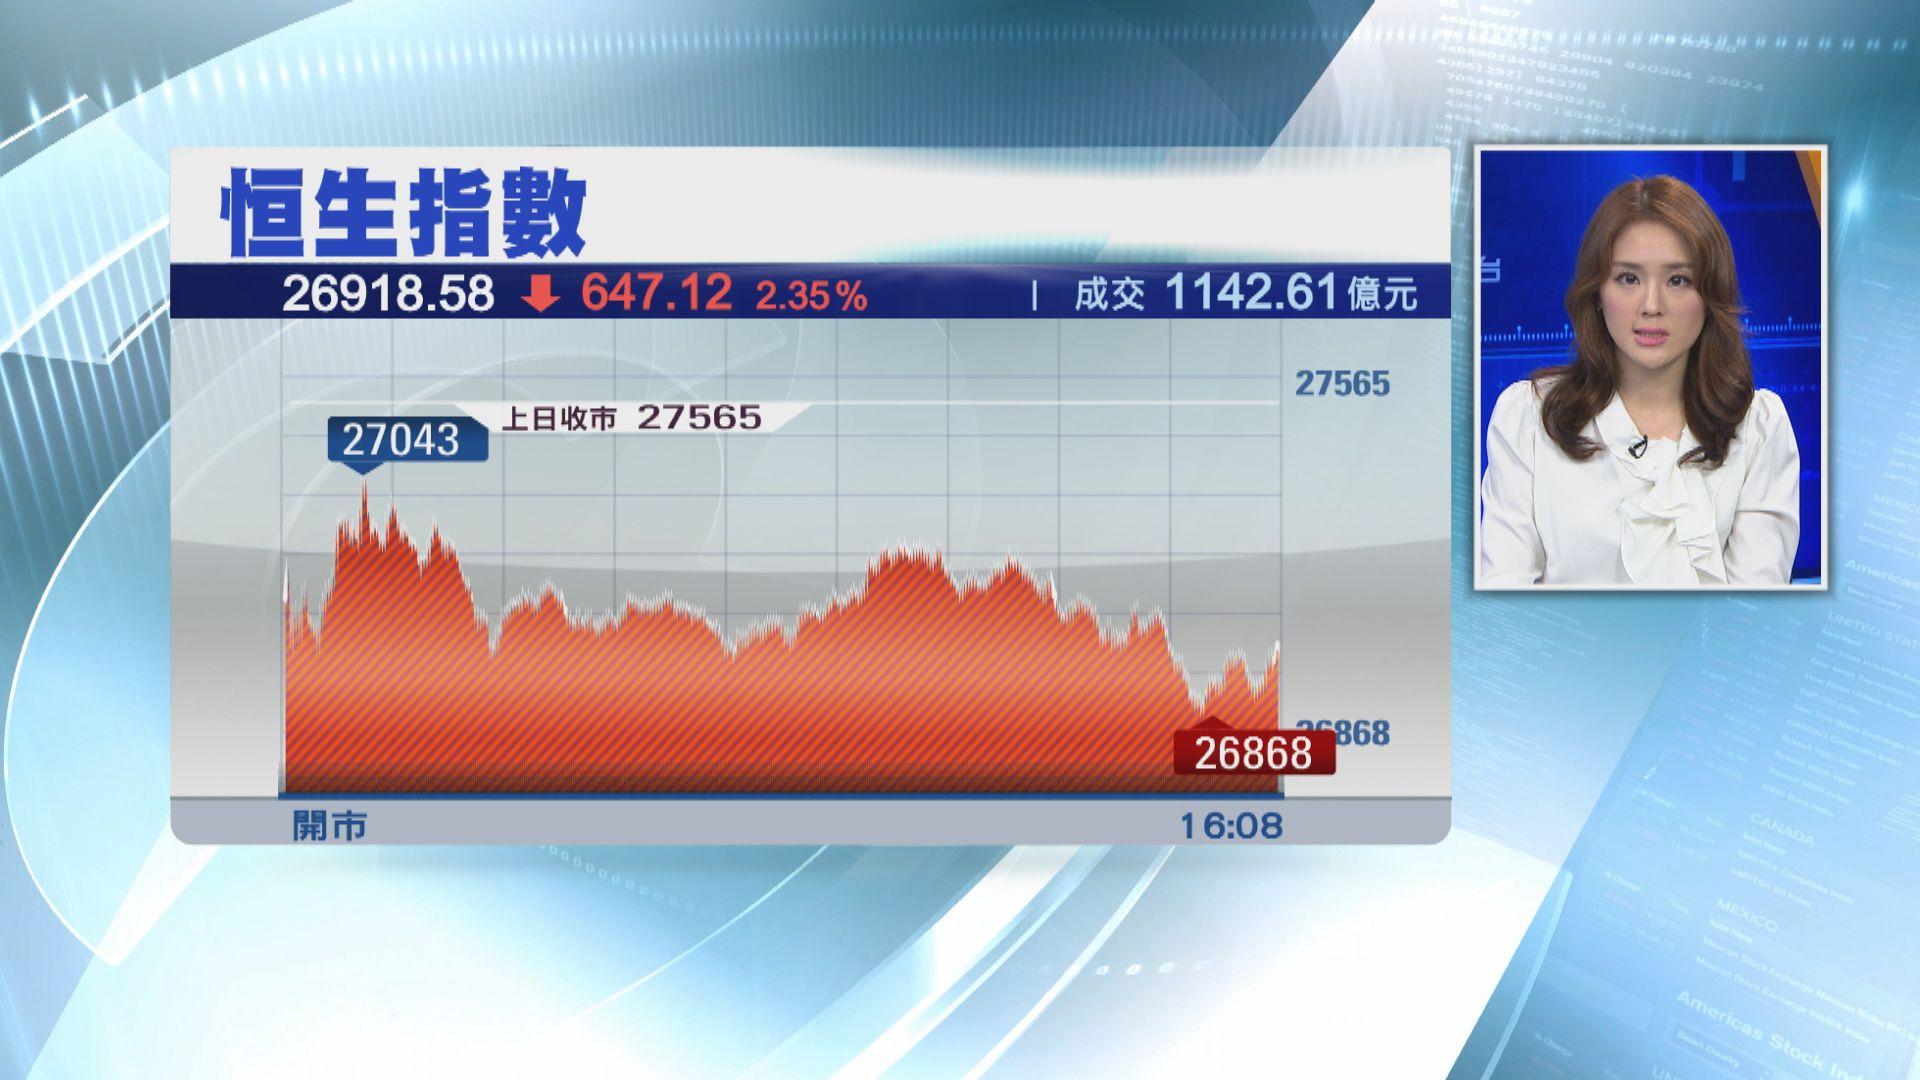 【突徵關稅】恒指跌647點 逾1500隻港股向下